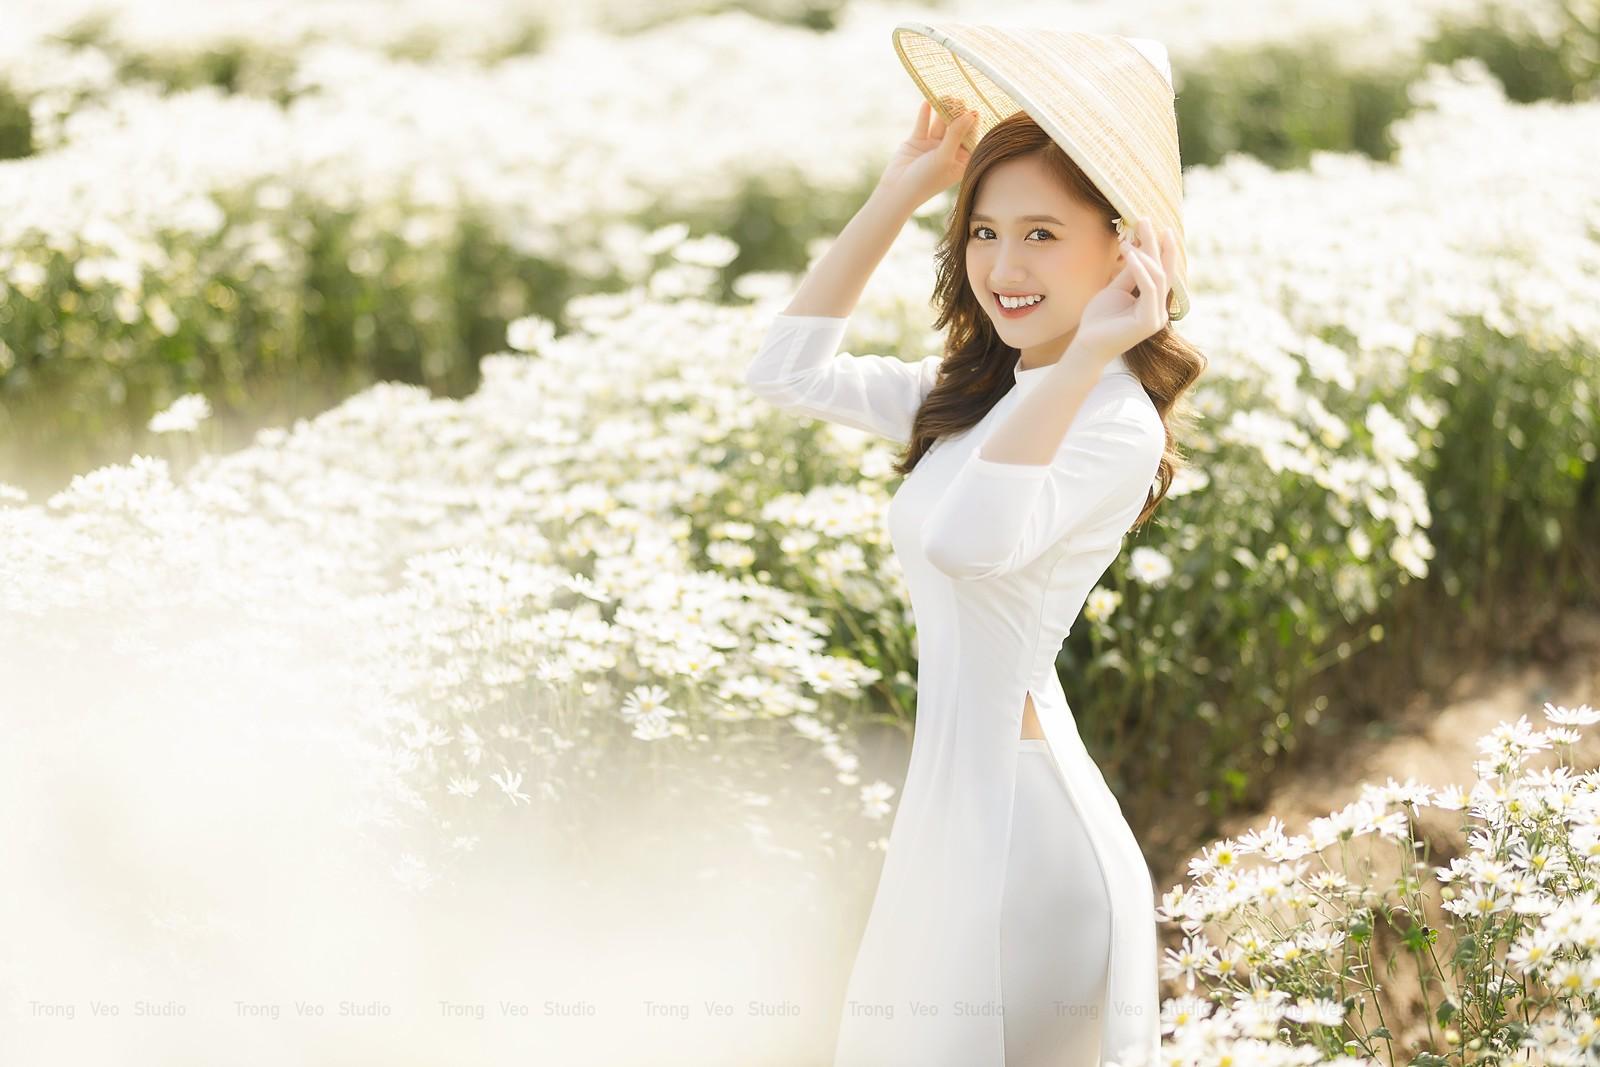 Ngắm hot Girl Thu Hương xinh đẹp như hóa trong tà áo dài trắng bên cúc họa mi - 15